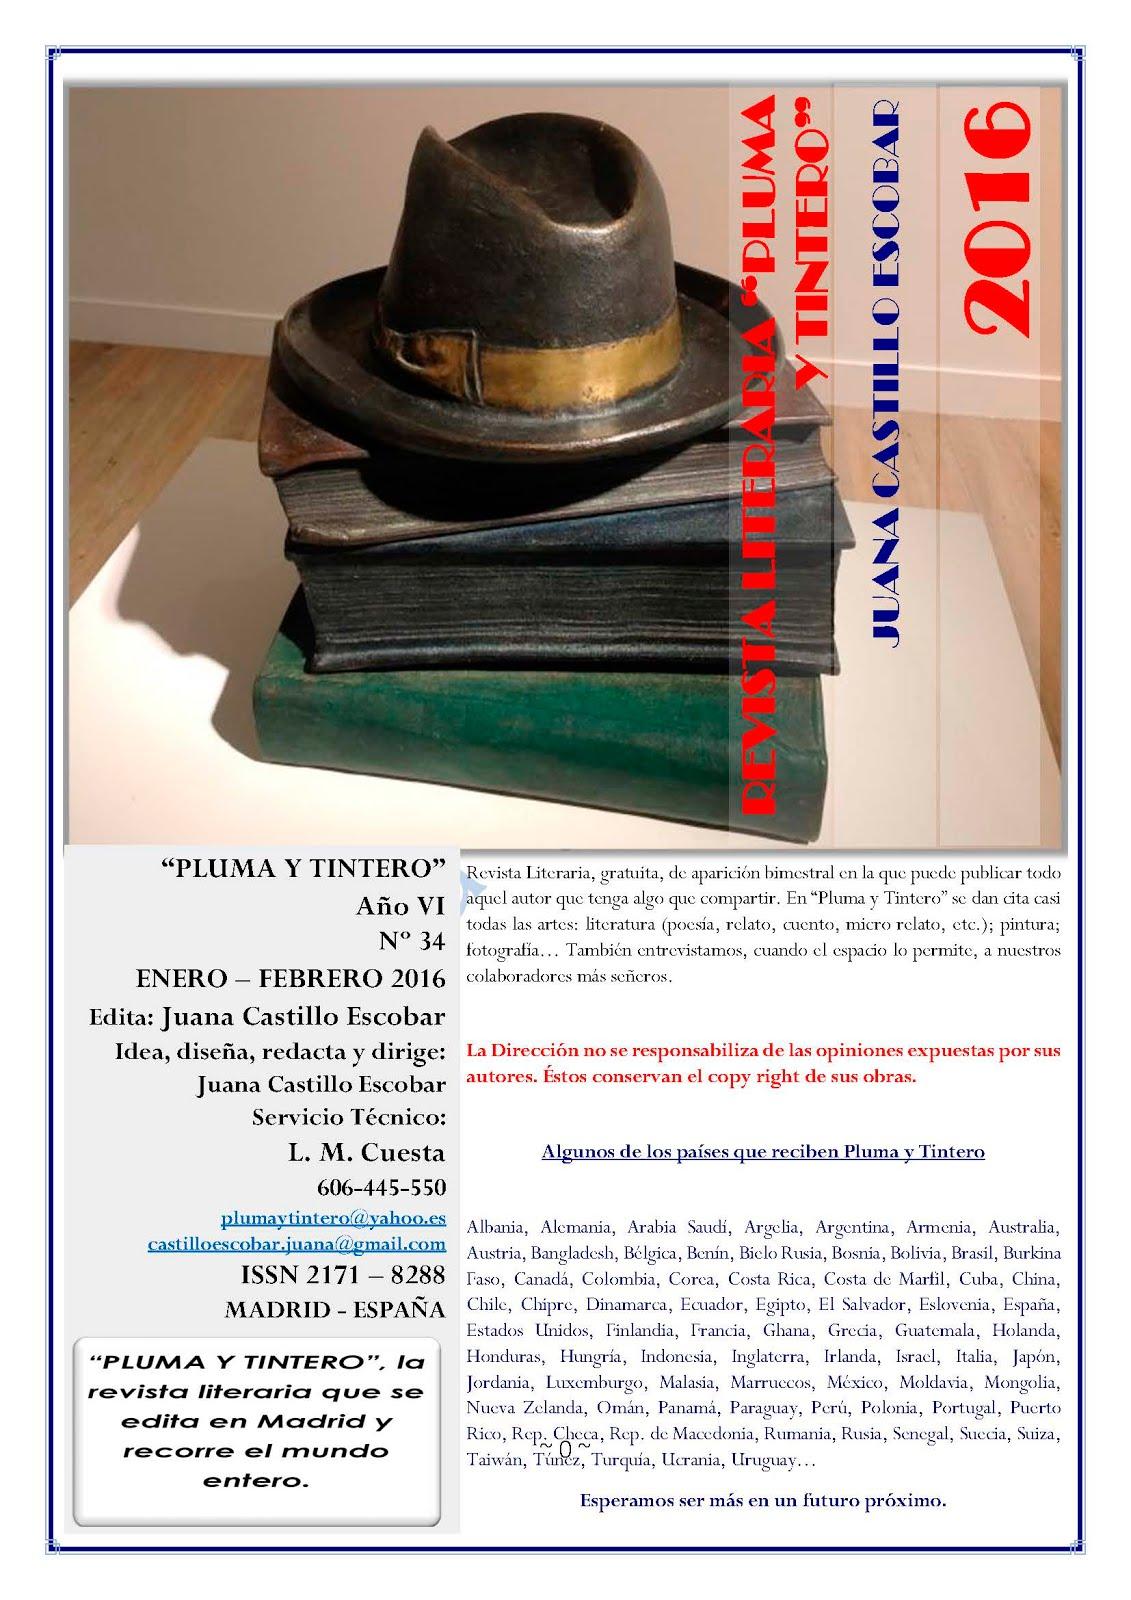 """Revista Literaria """"Pluma y Tintero - Nº 34 - Año VI - Enero-Febrero 2016"""